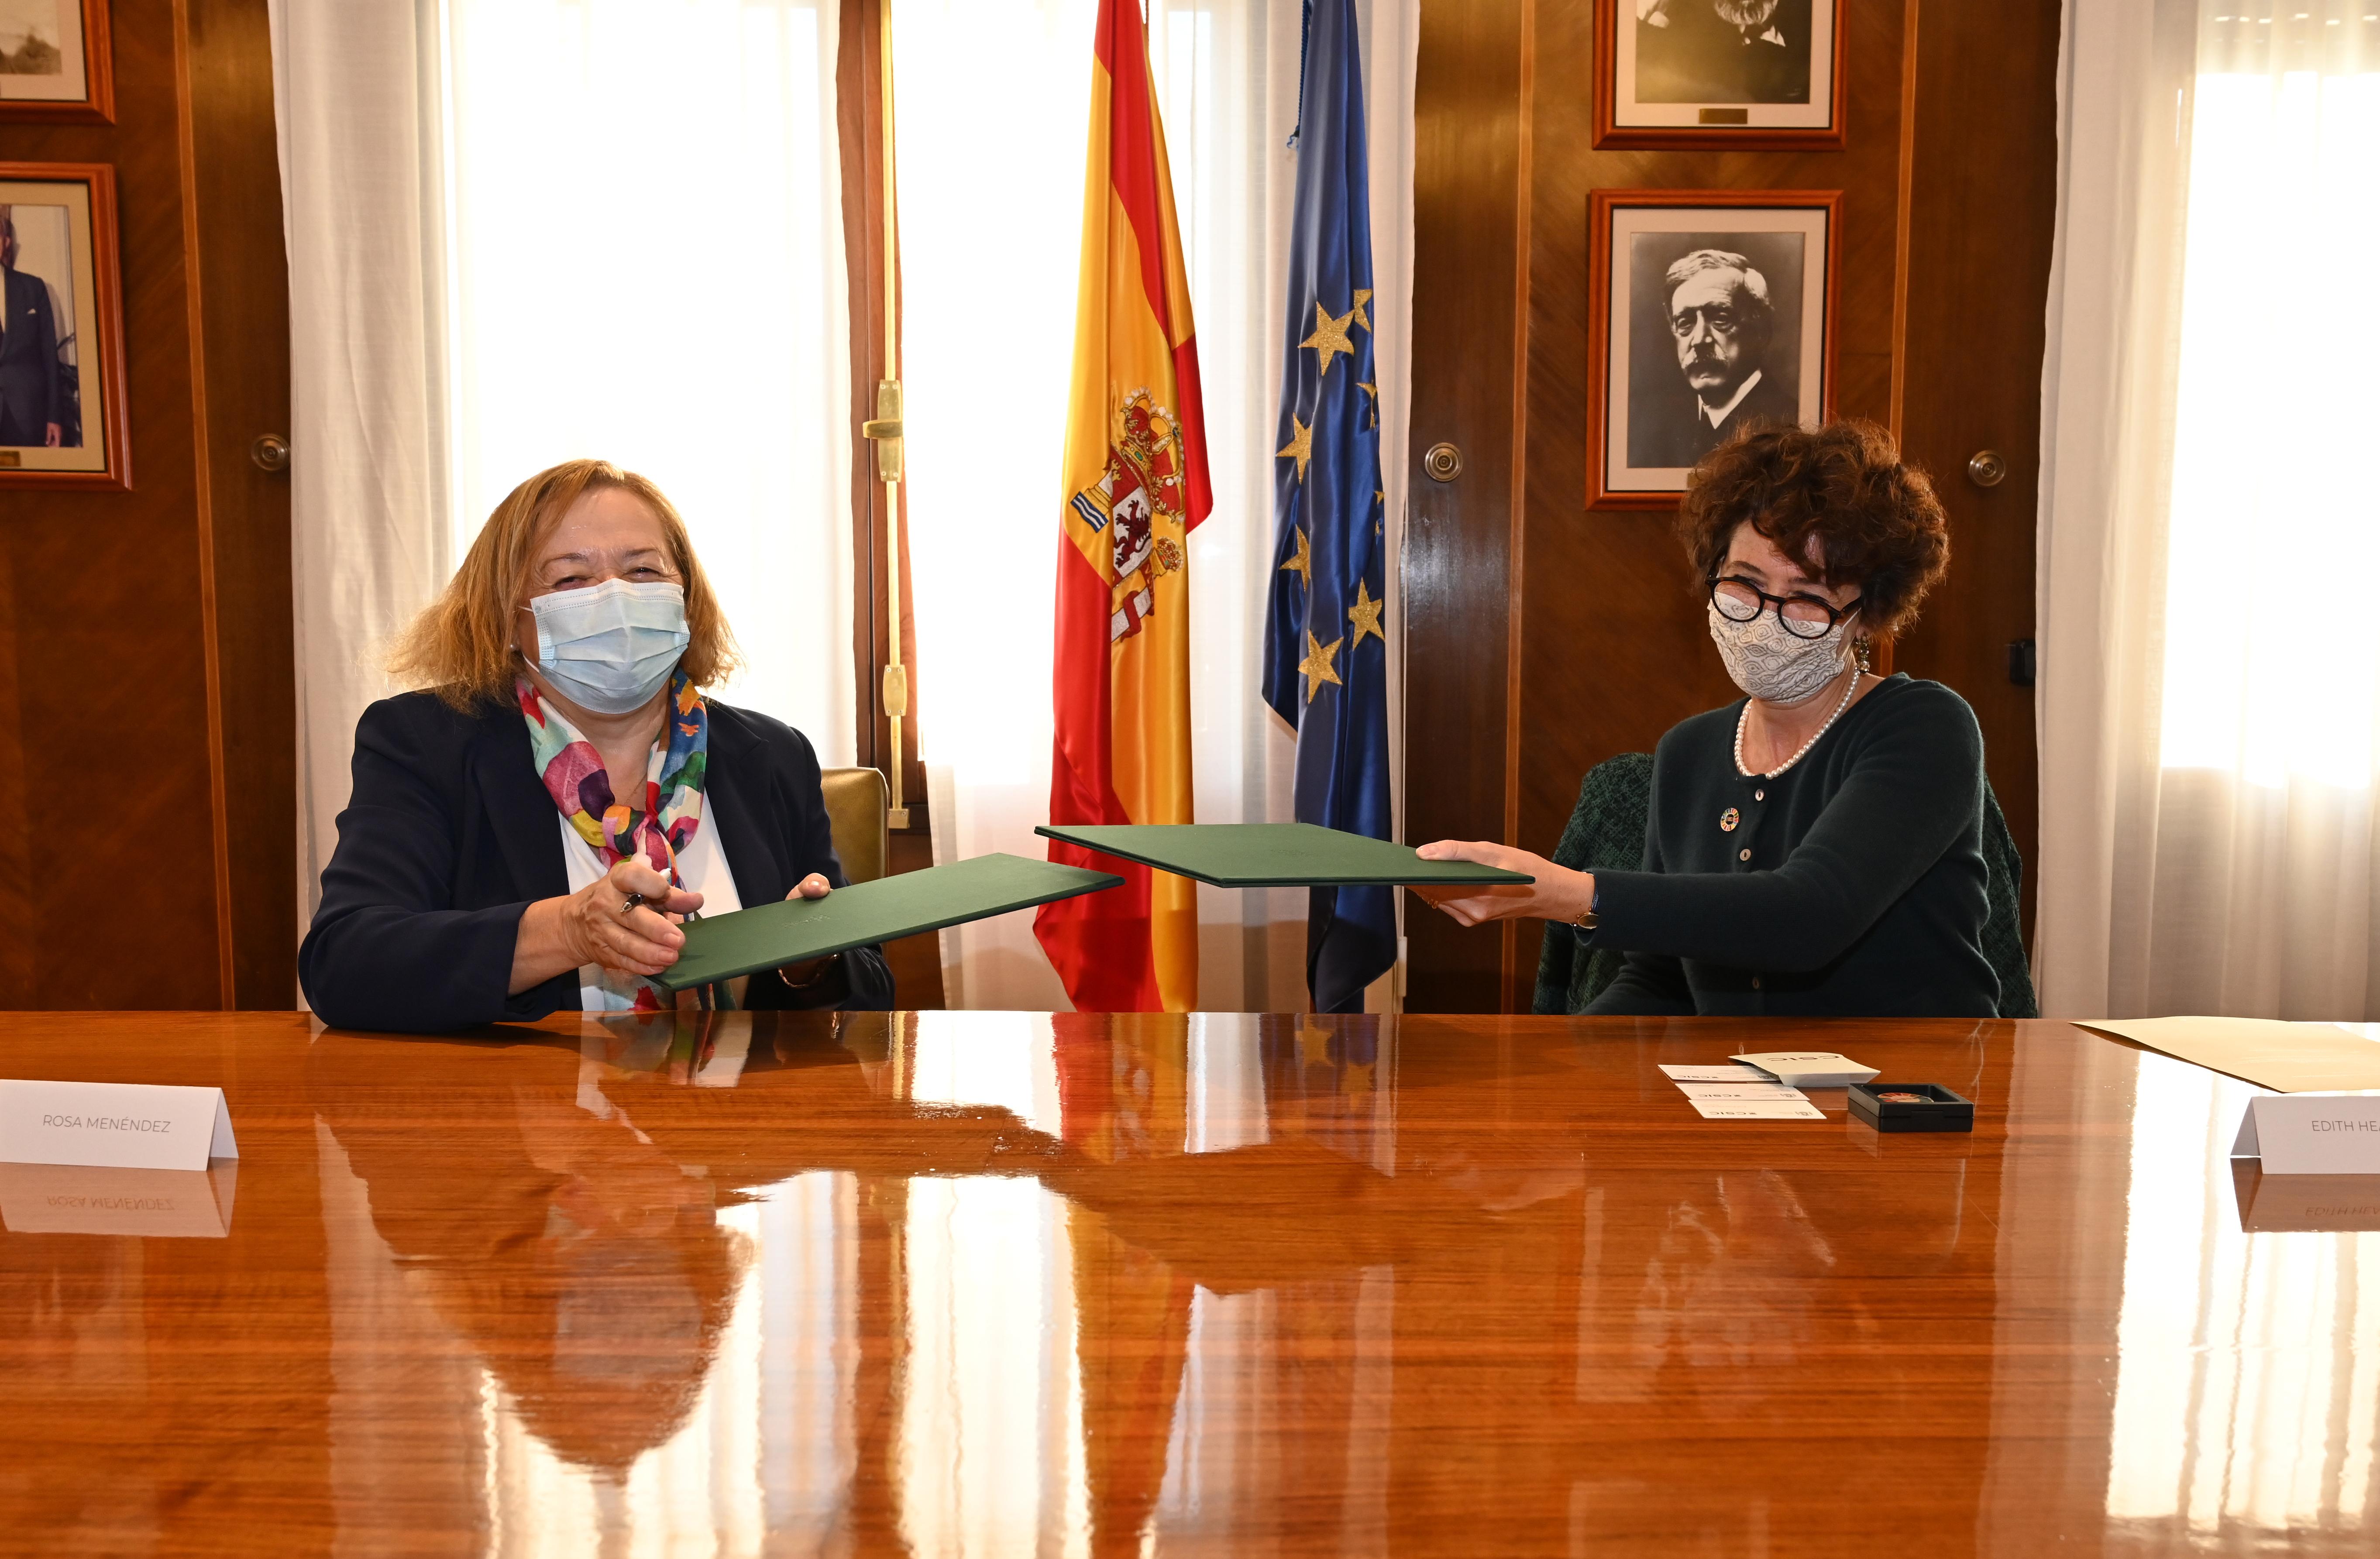 La presidenta del CSIC, Rosa Menéndez, y la directora general de EMBL, Edith Heard, durante la firma del acuerdo en la sede central del CSIC en Madrid. / César Hernández/ CSIC Comunicación